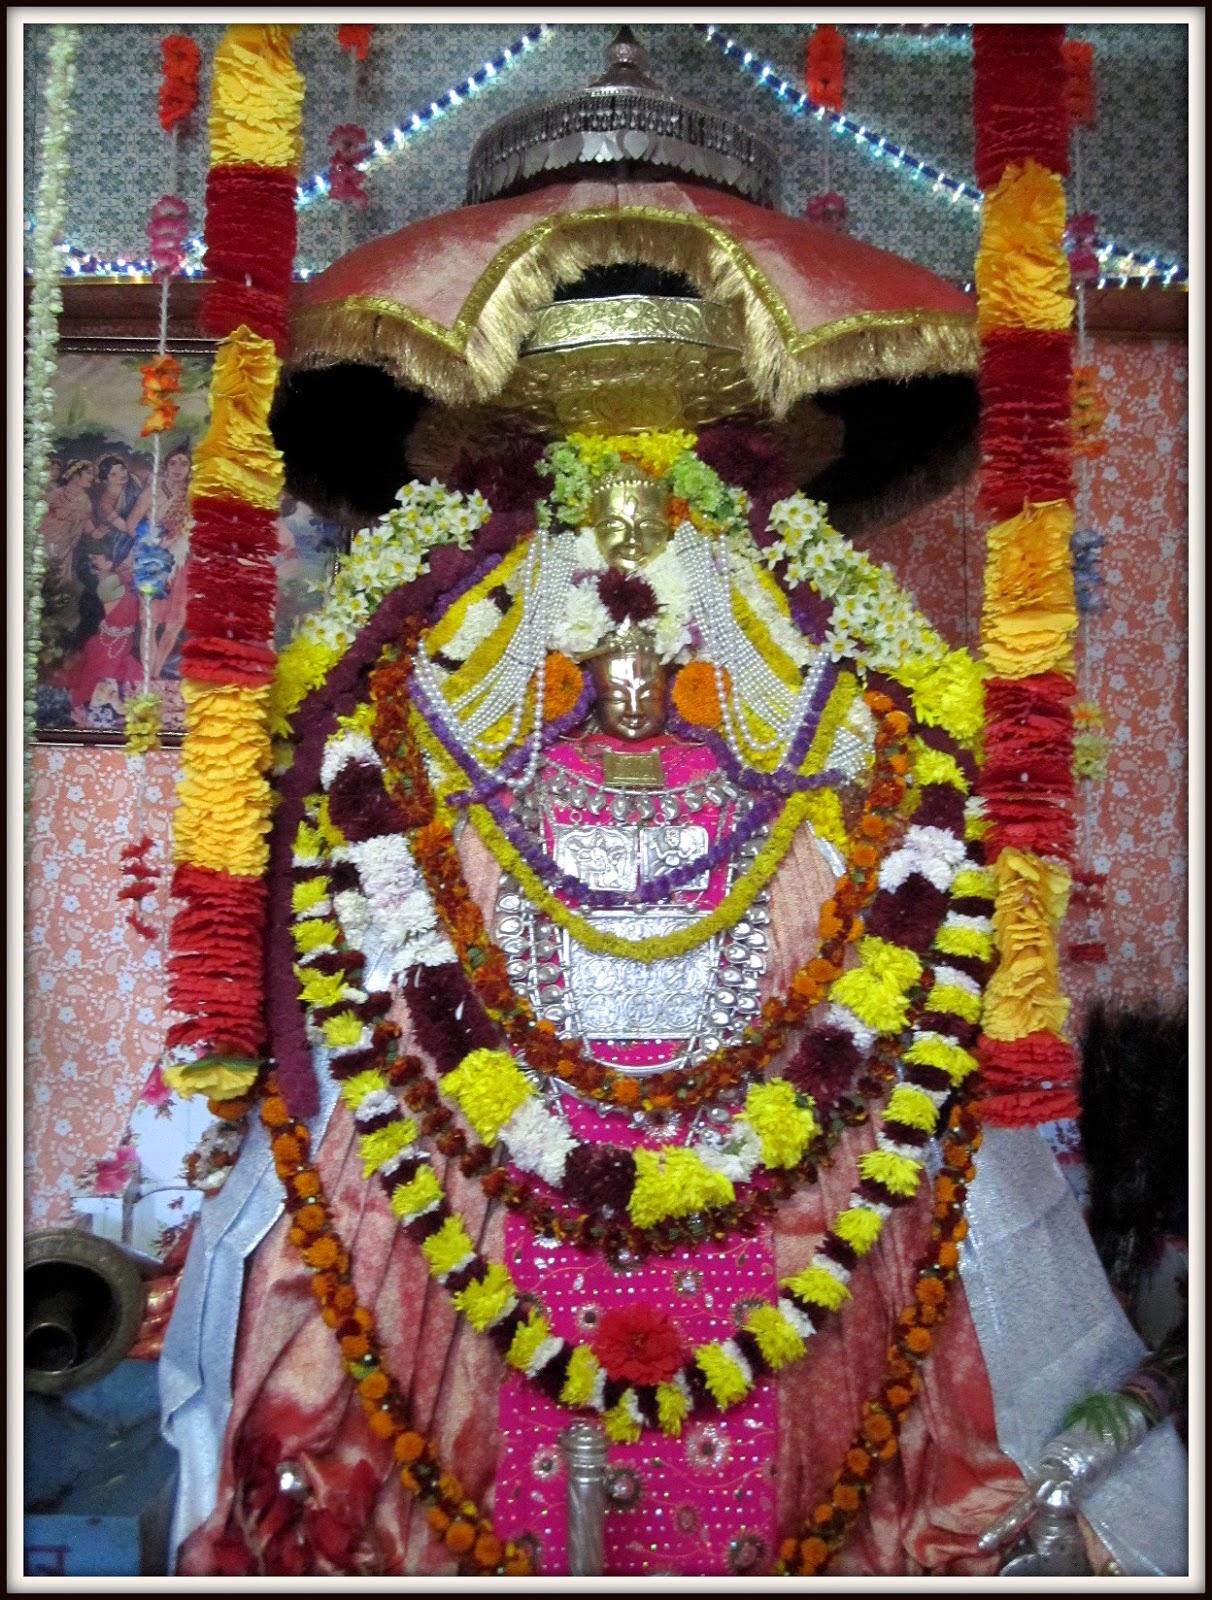 lord-rama-s-sister-shanta-devi-s-temple-is-located-in-kullu-श्रीराम की बड़ी बहन शांता देवी का मंदिर